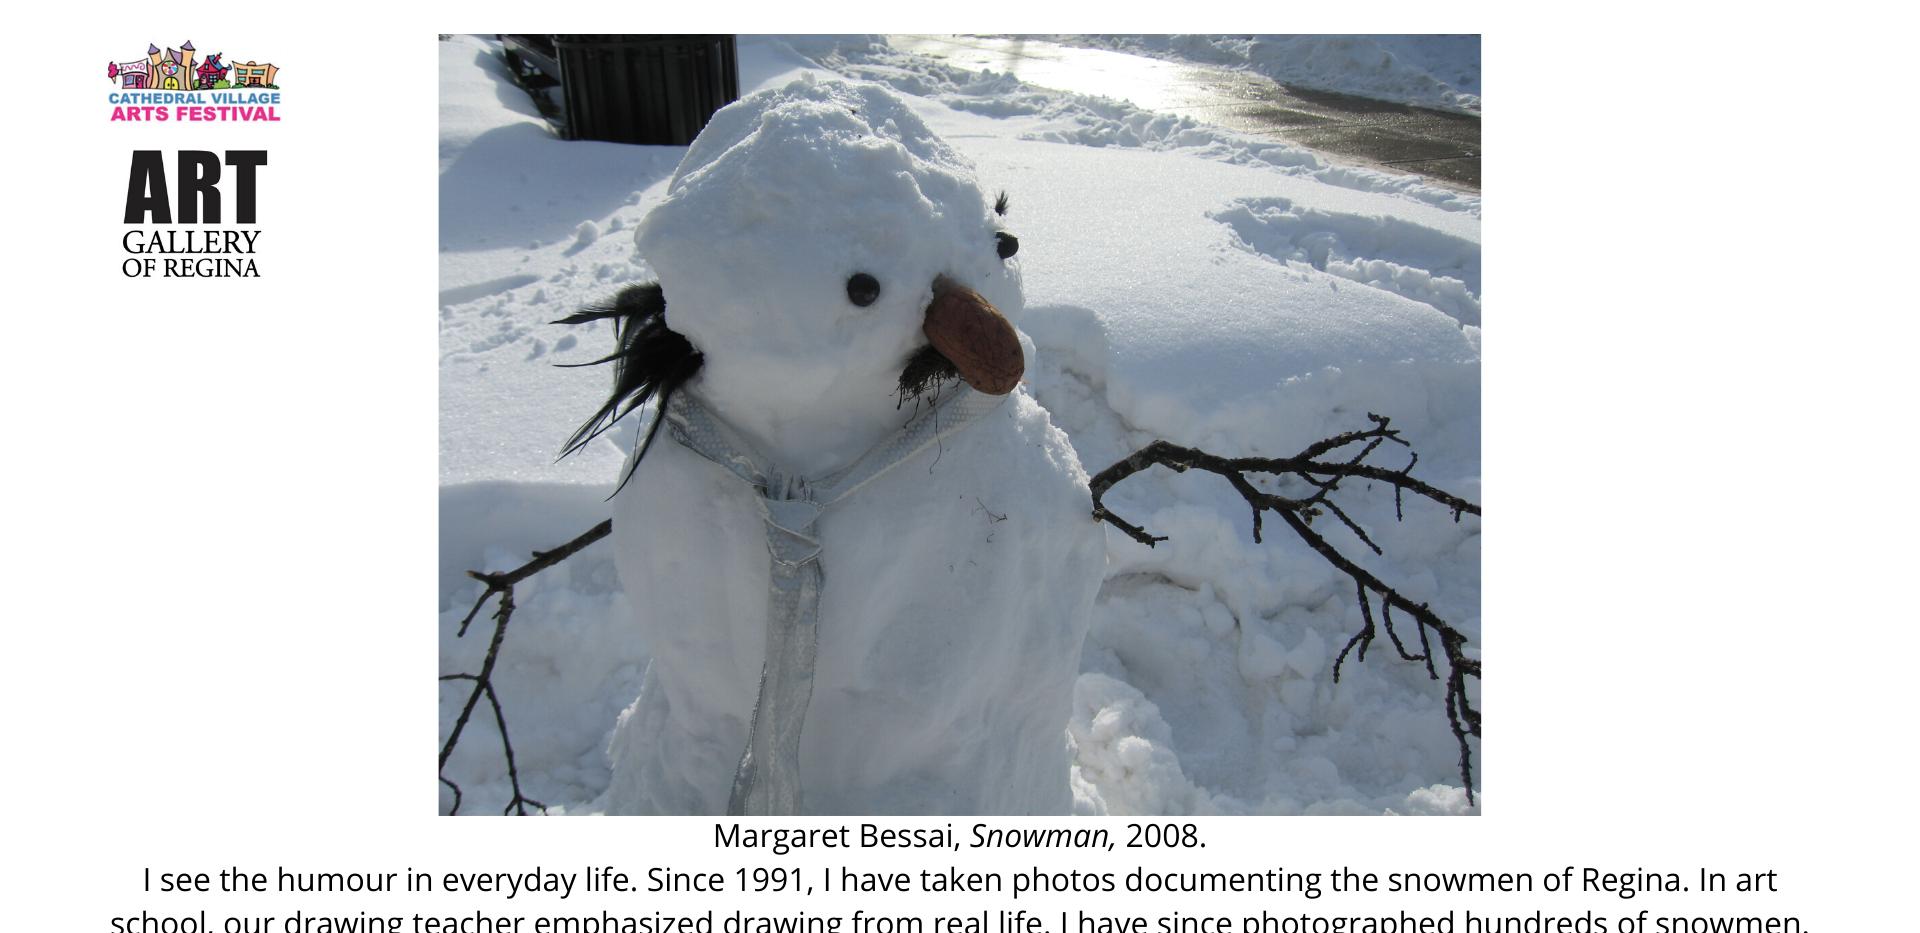 Margaret Bessai, Snowman,2008.